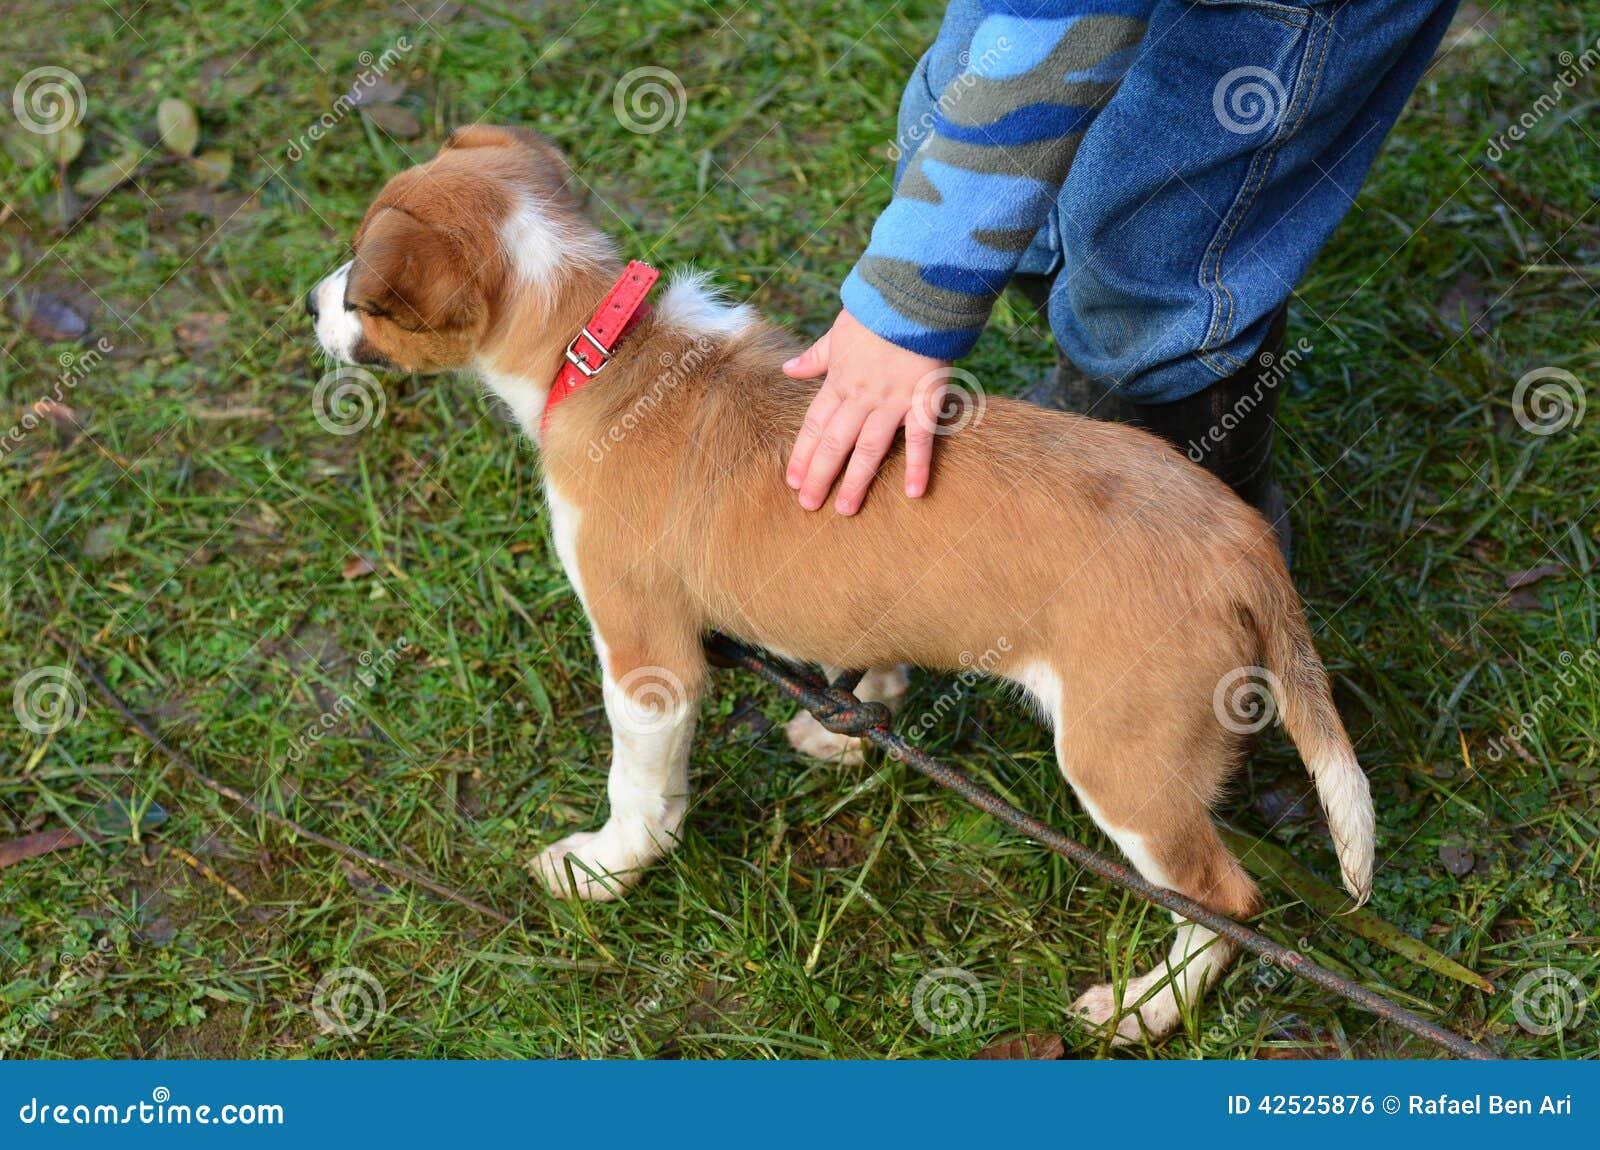 Small Natural Looking Dog